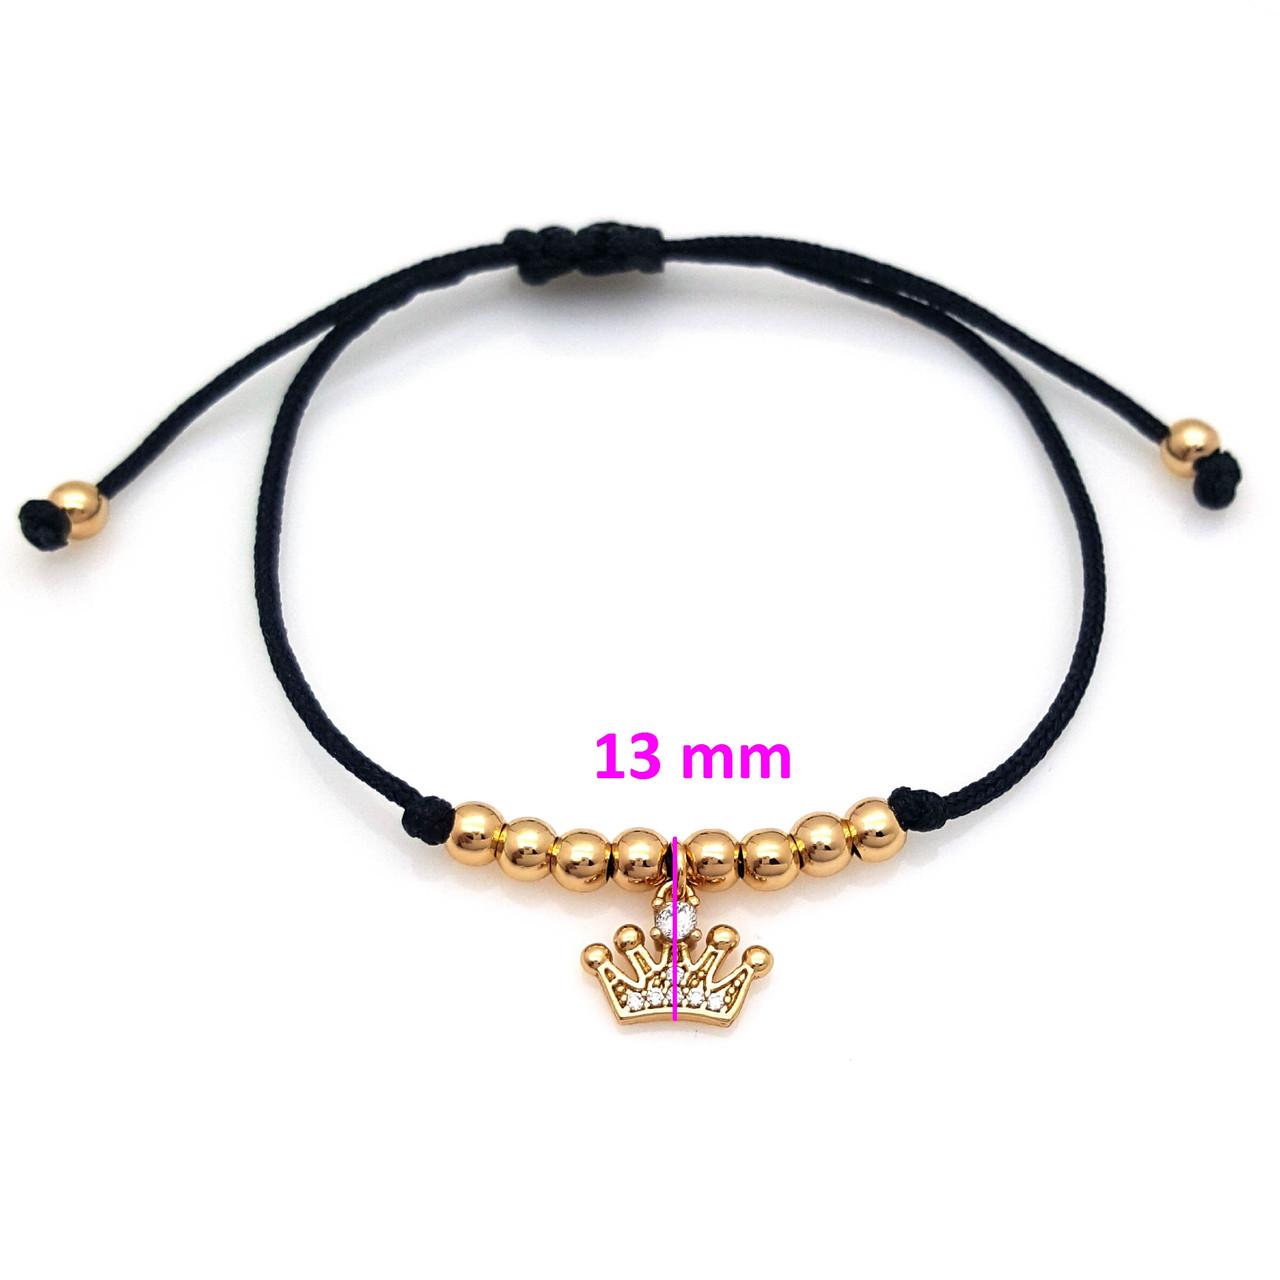 Браслет Черная Шелковая ниточка с шарами и короной, вставка цирконий, позолота, 18К